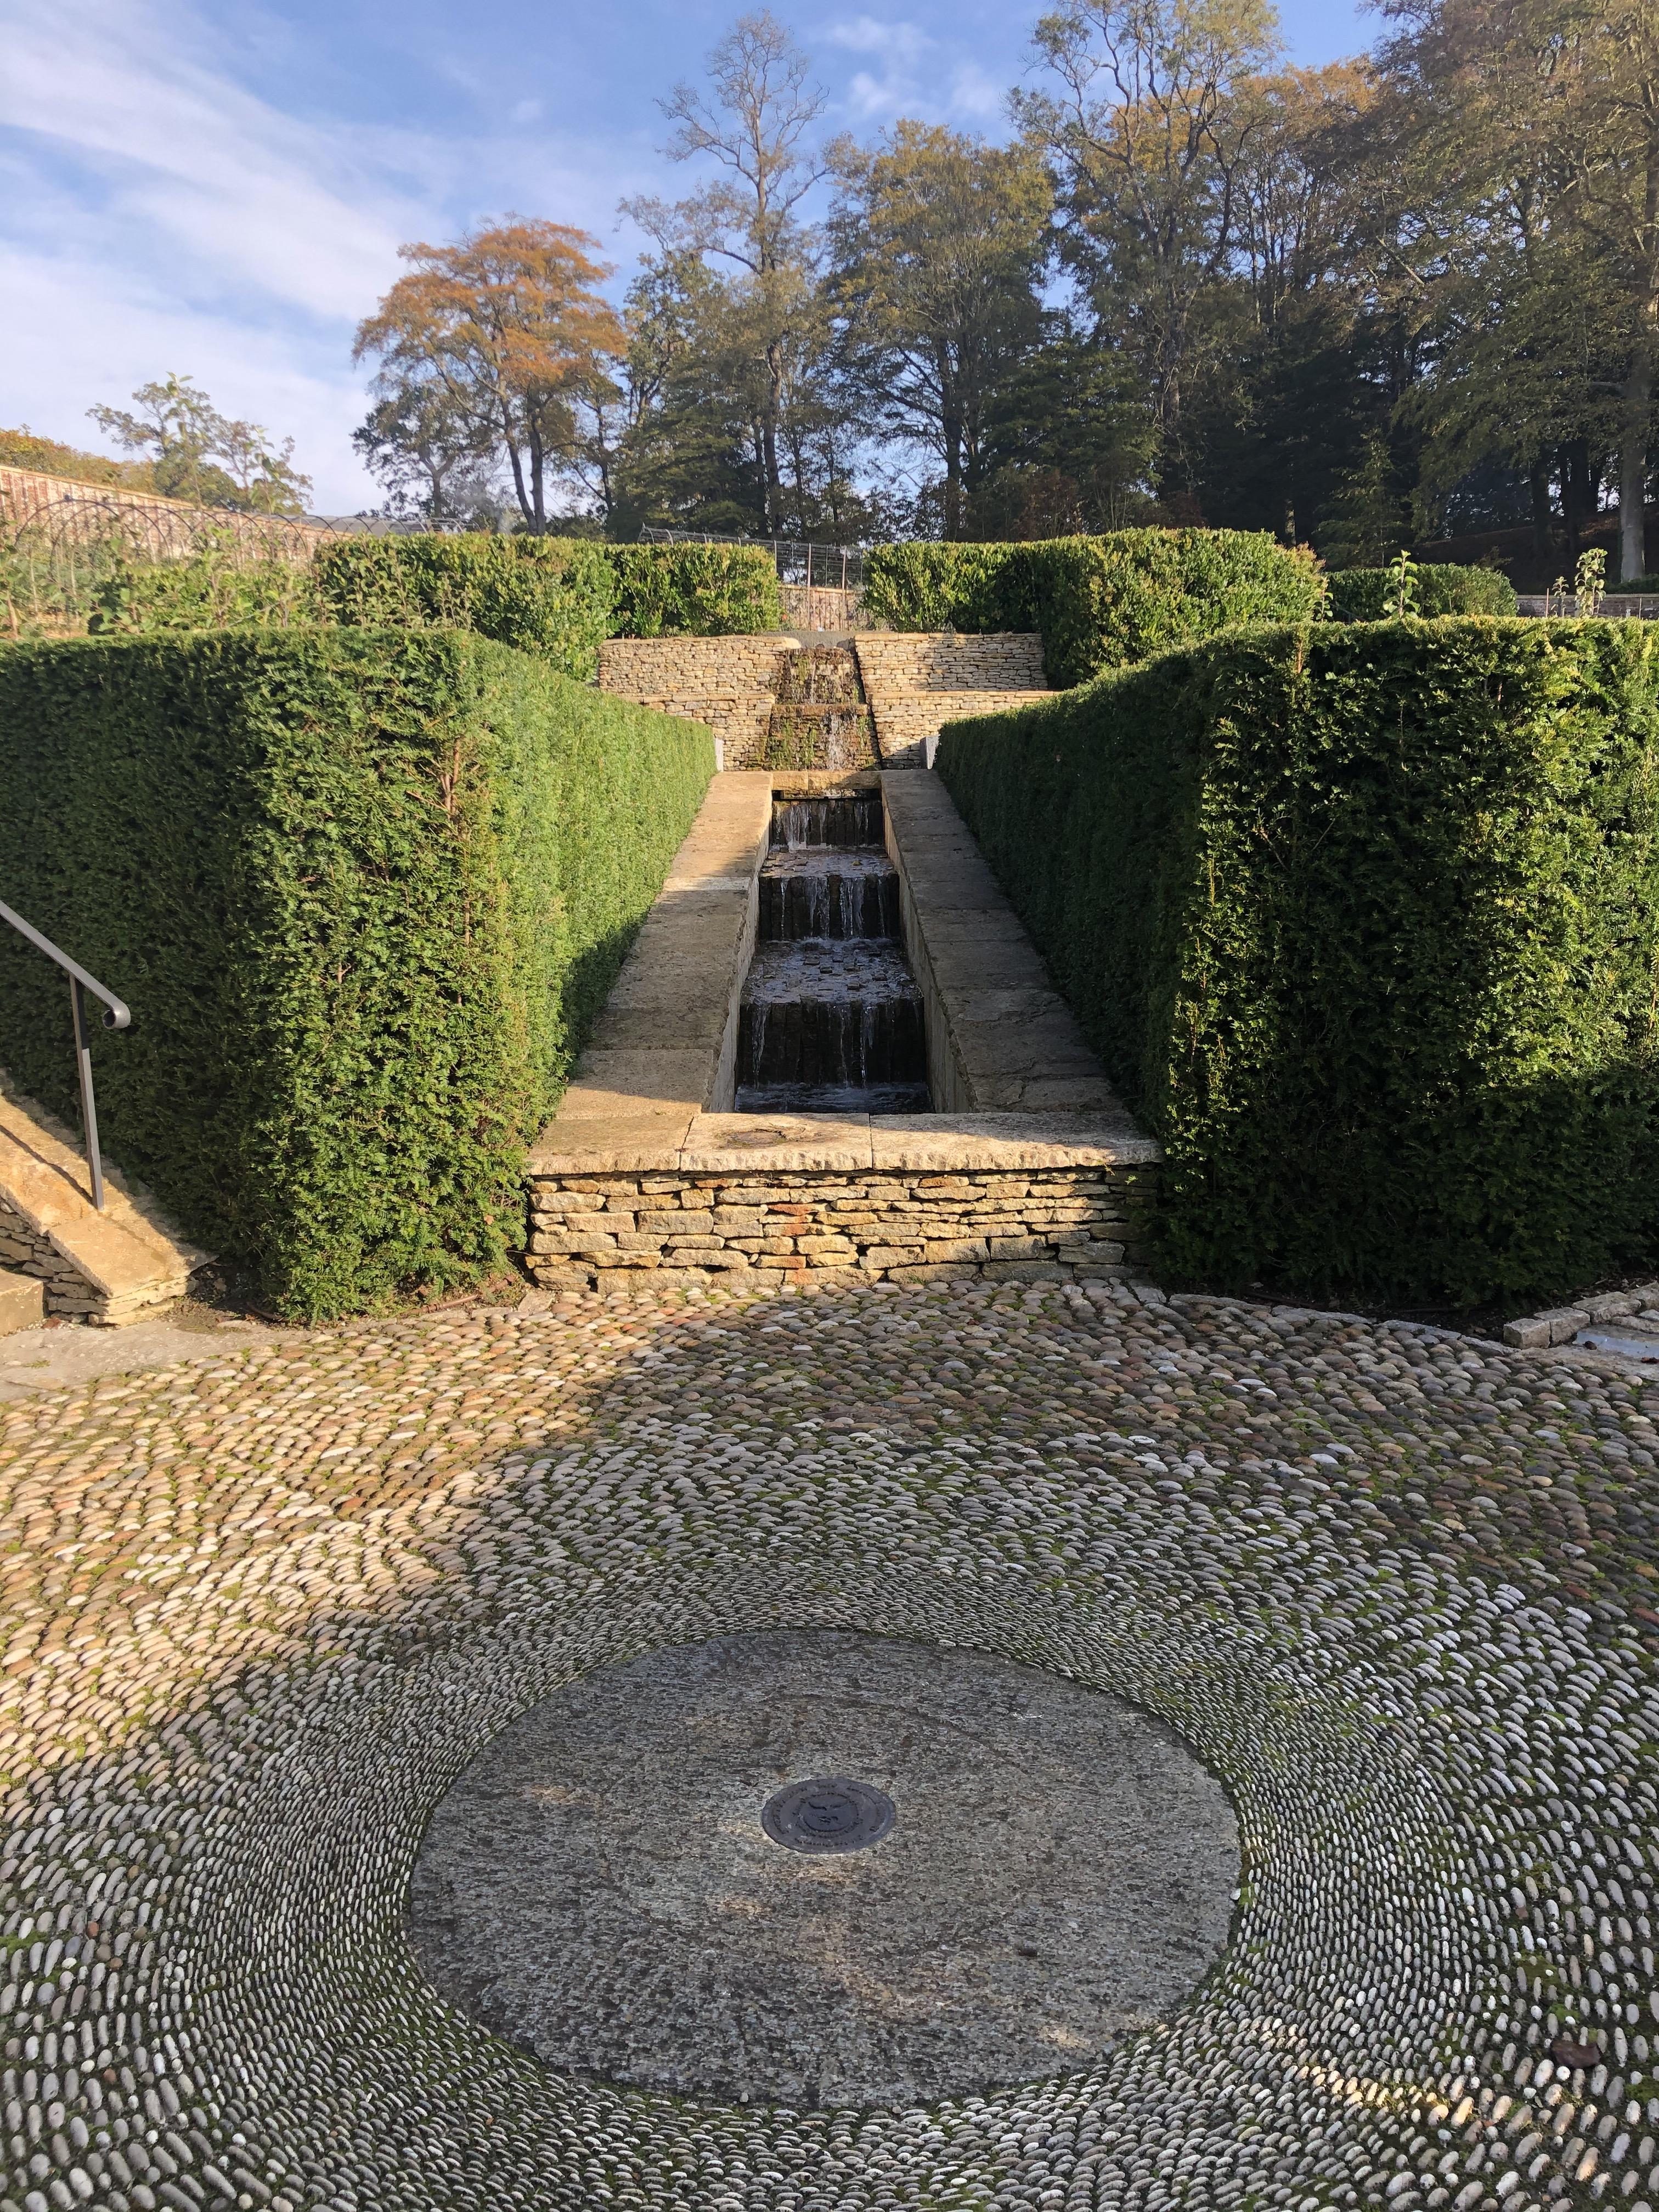 The Newt: Water Runs In The Parabola Garden